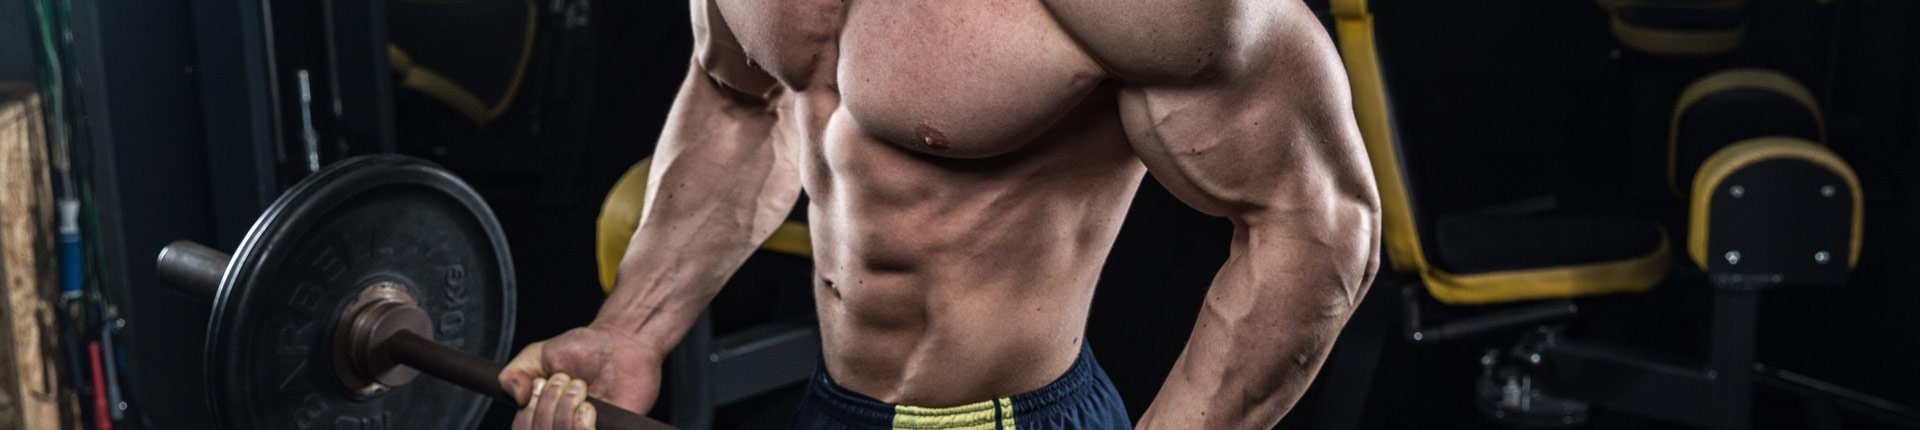 Jak długo i często ćwiczyć? Ile treningu to za dużo?